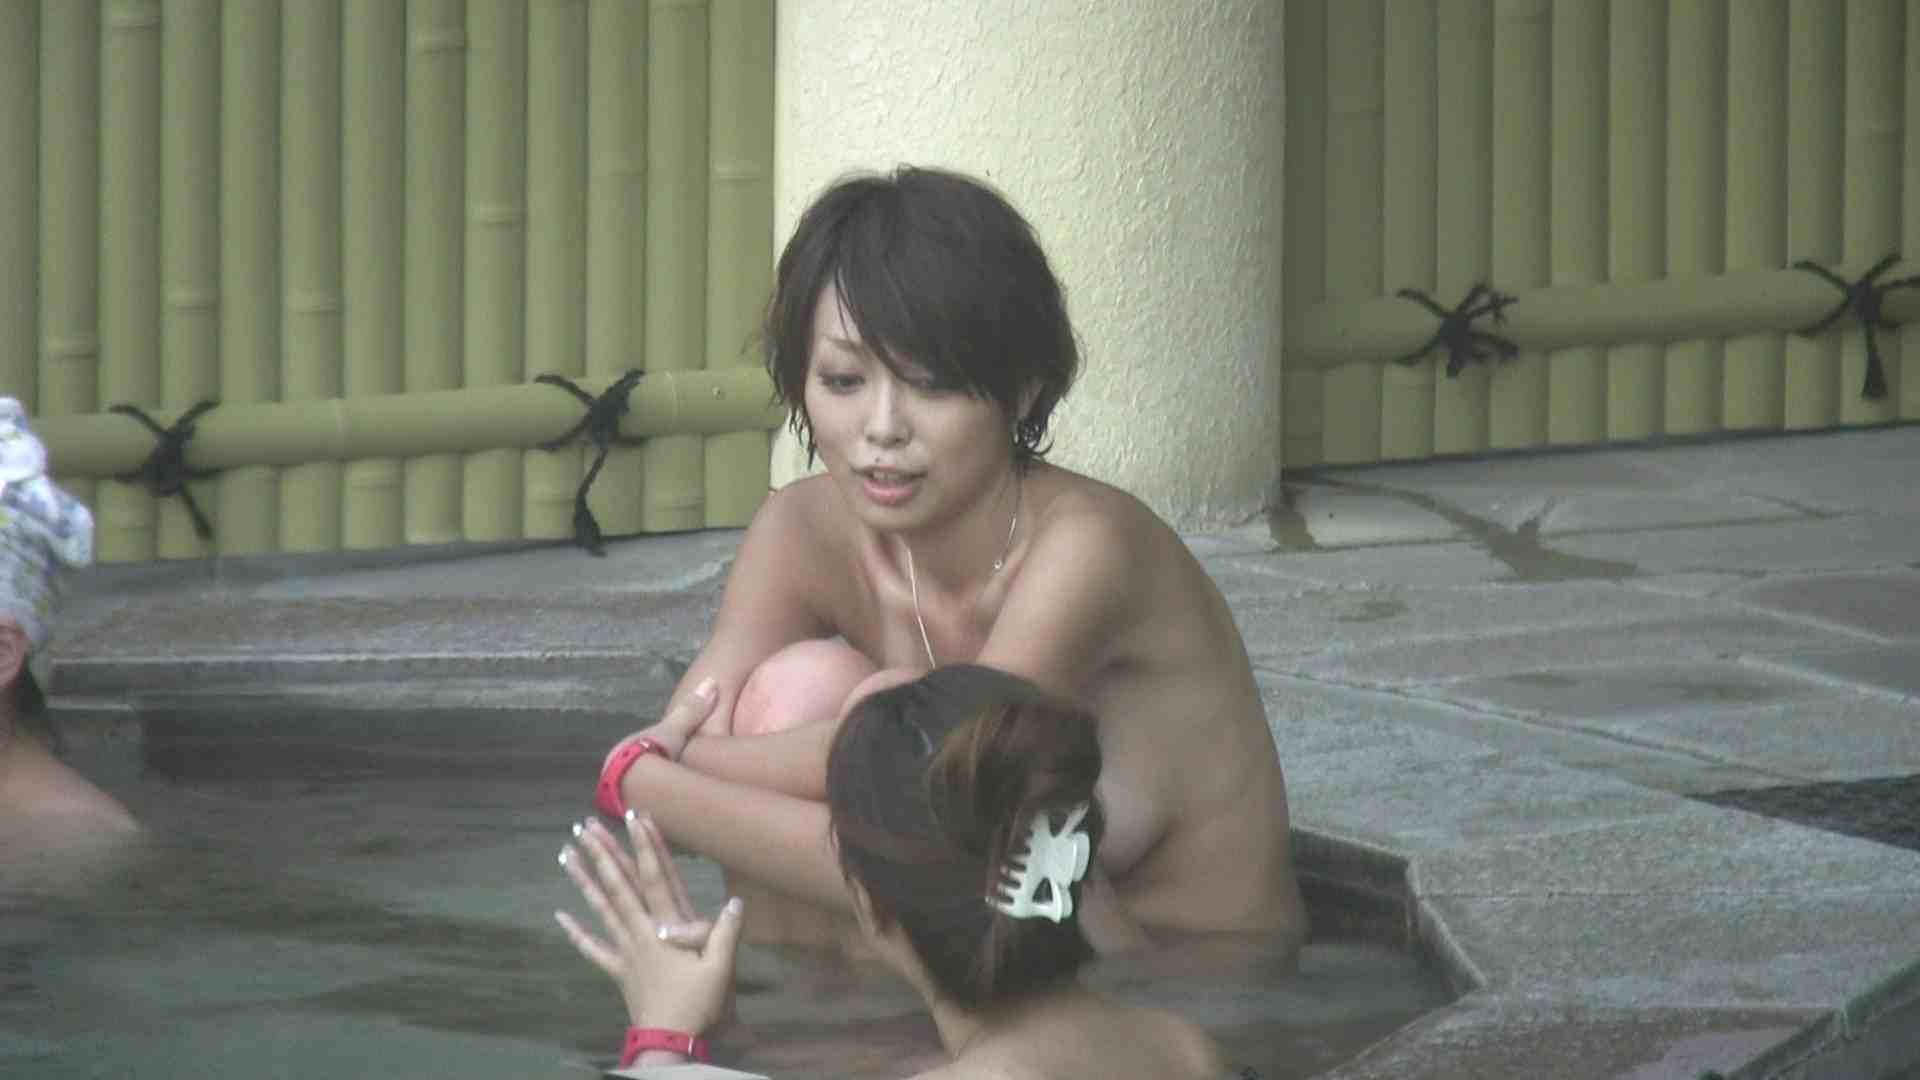 Aquaな露天風呂Vol.201 OLのエロ生活  96連発 51